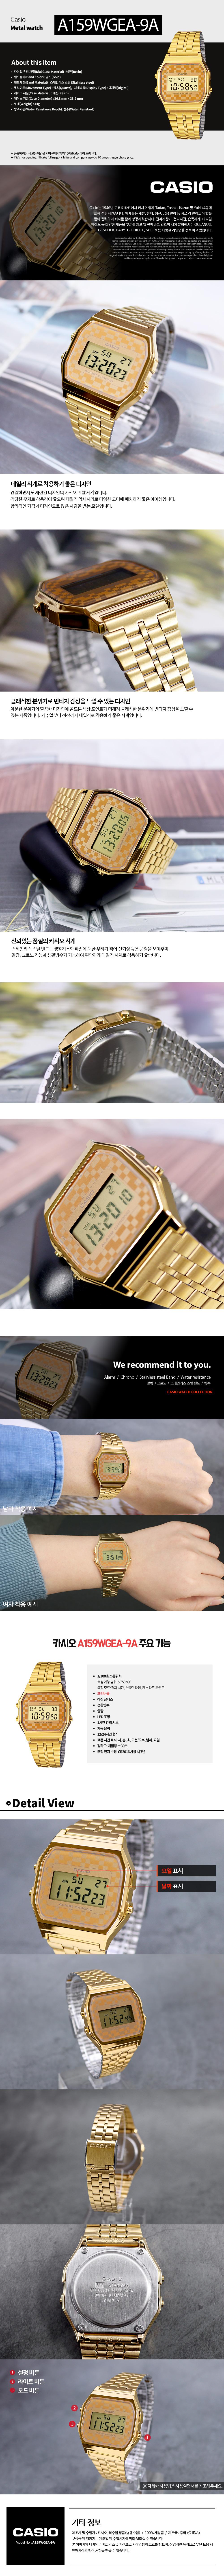 카시오(CASIO) 메탈 디지털 시계 A159WGEA-9A